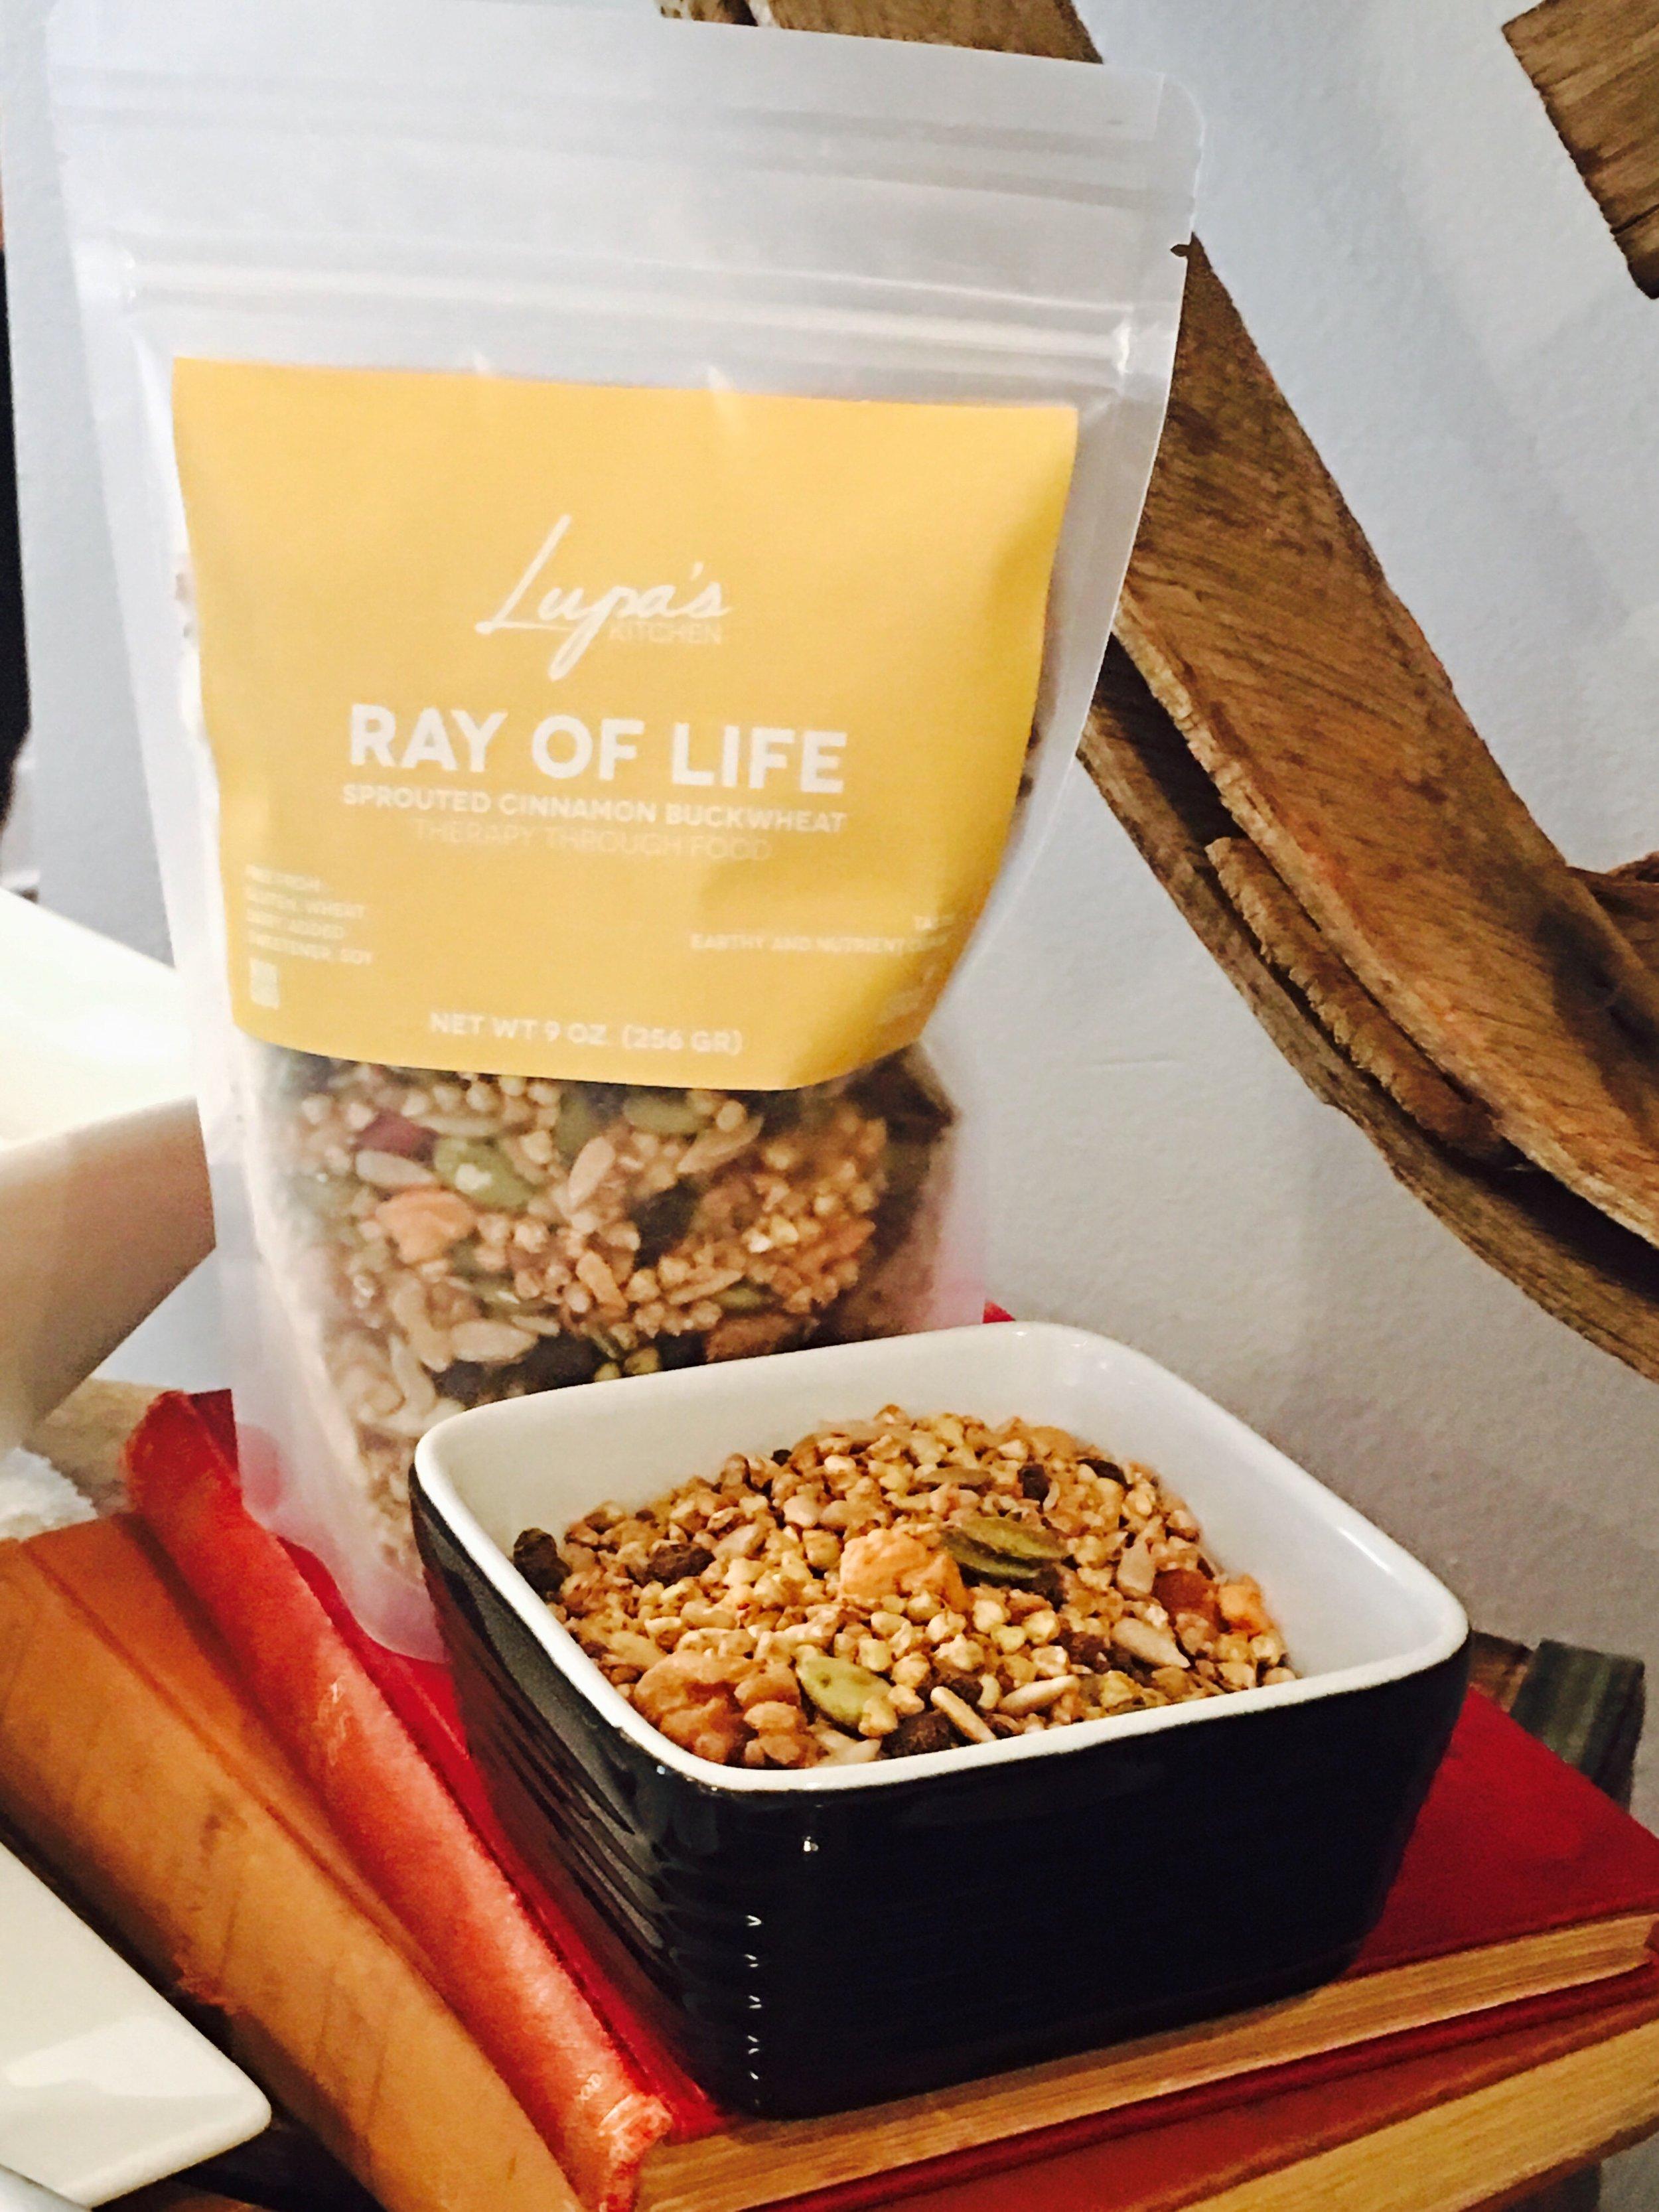 LK Ray of Life.JPG